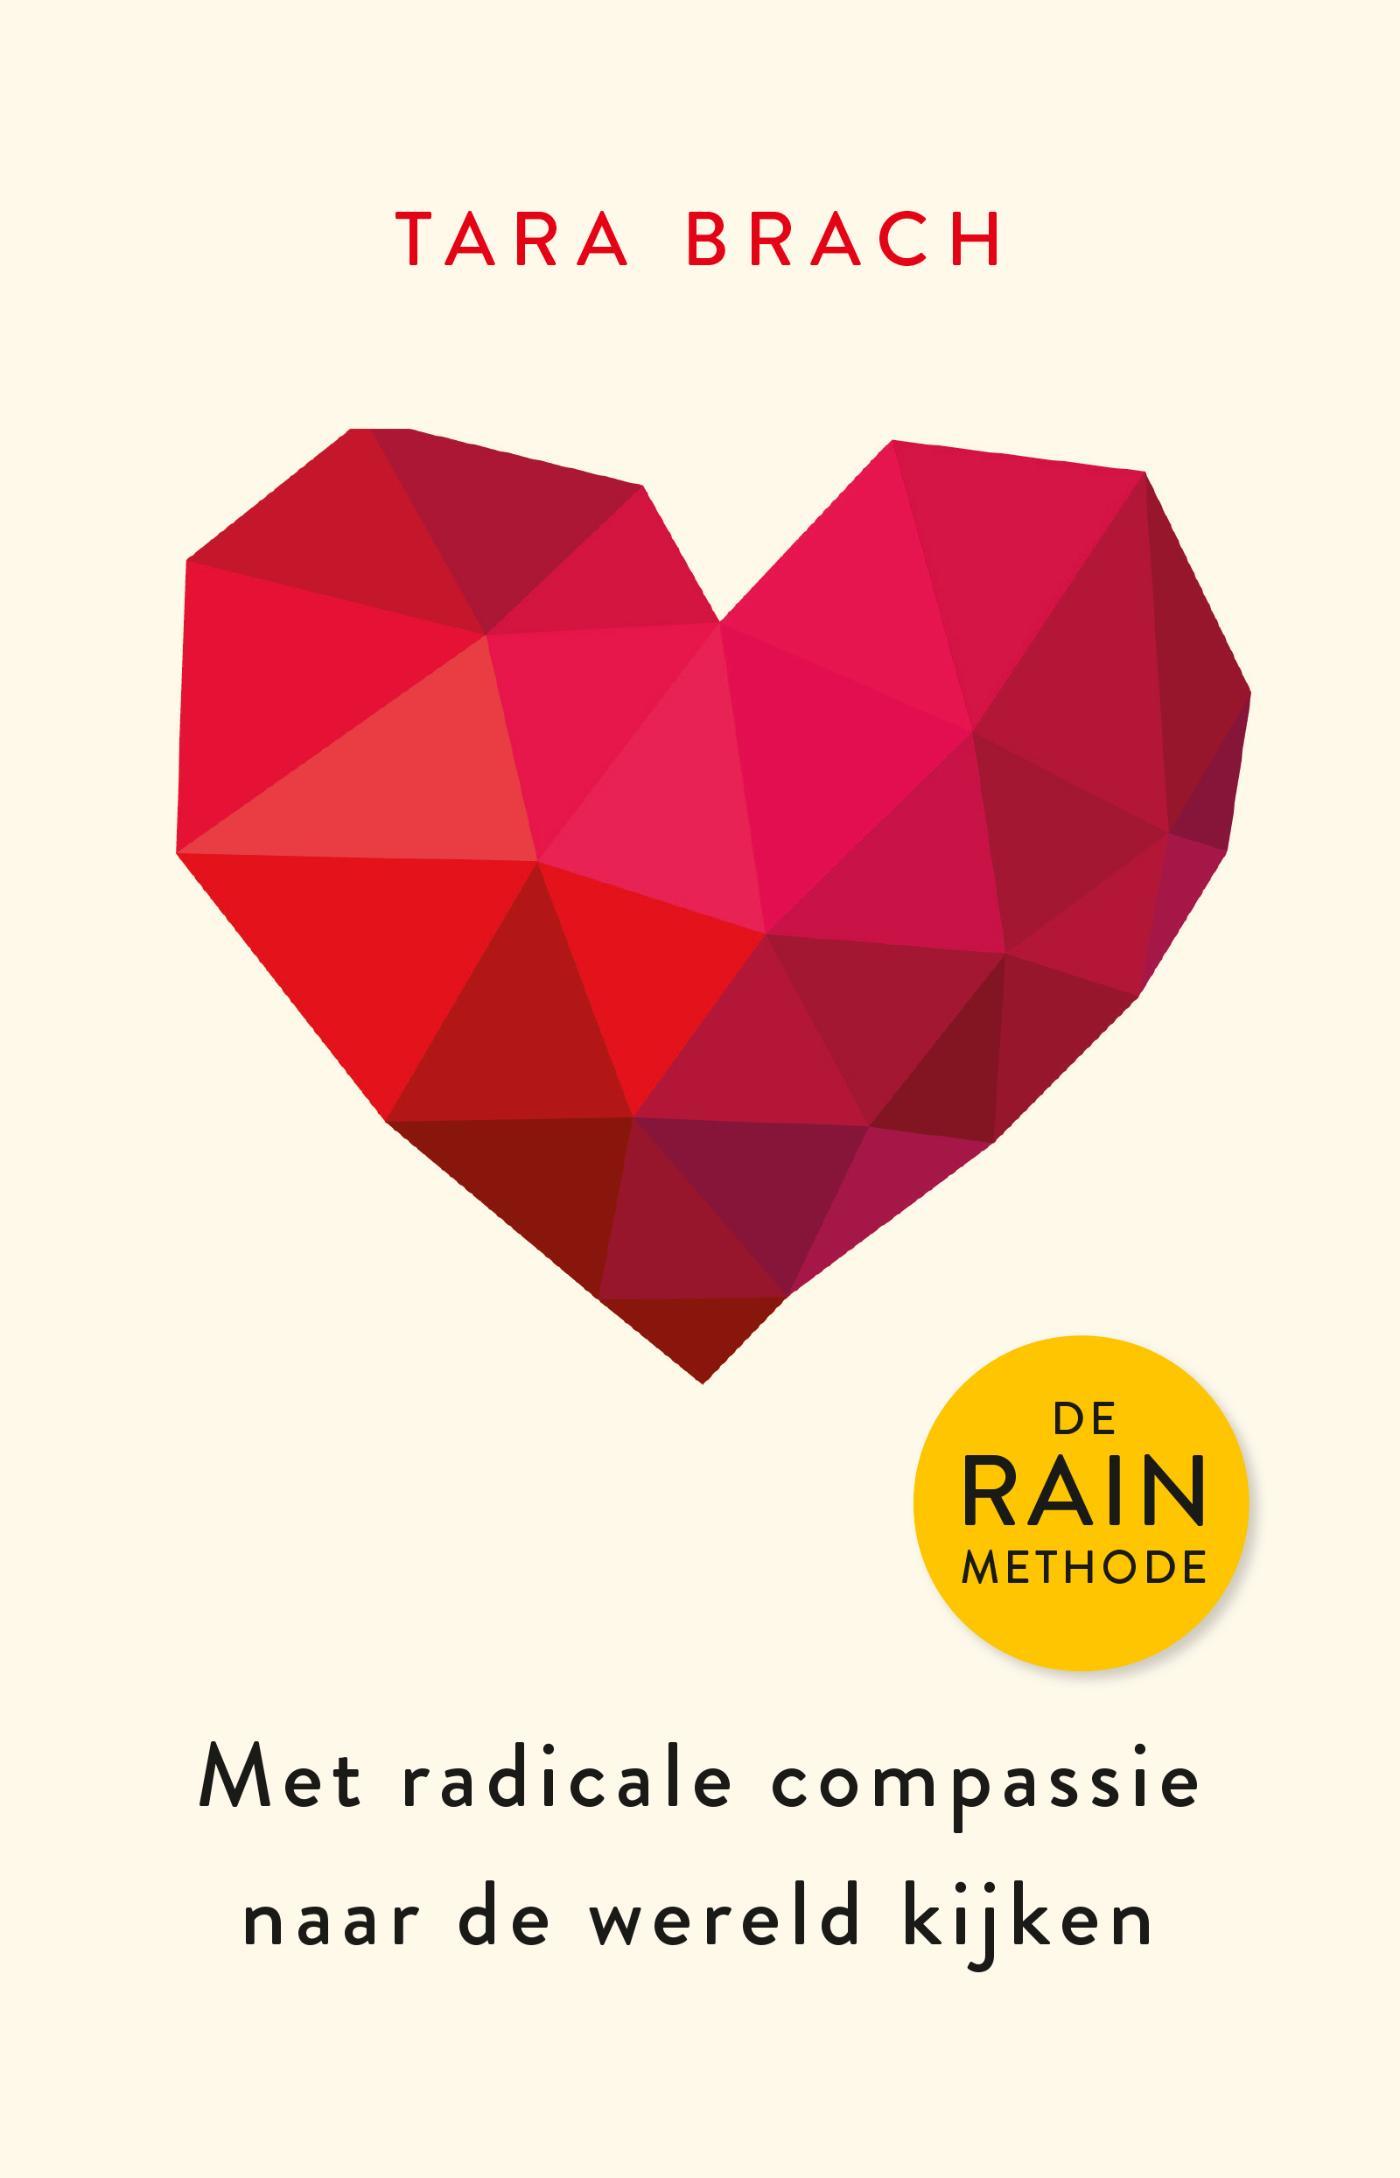 Met radicale compassie naar de wereld kijken